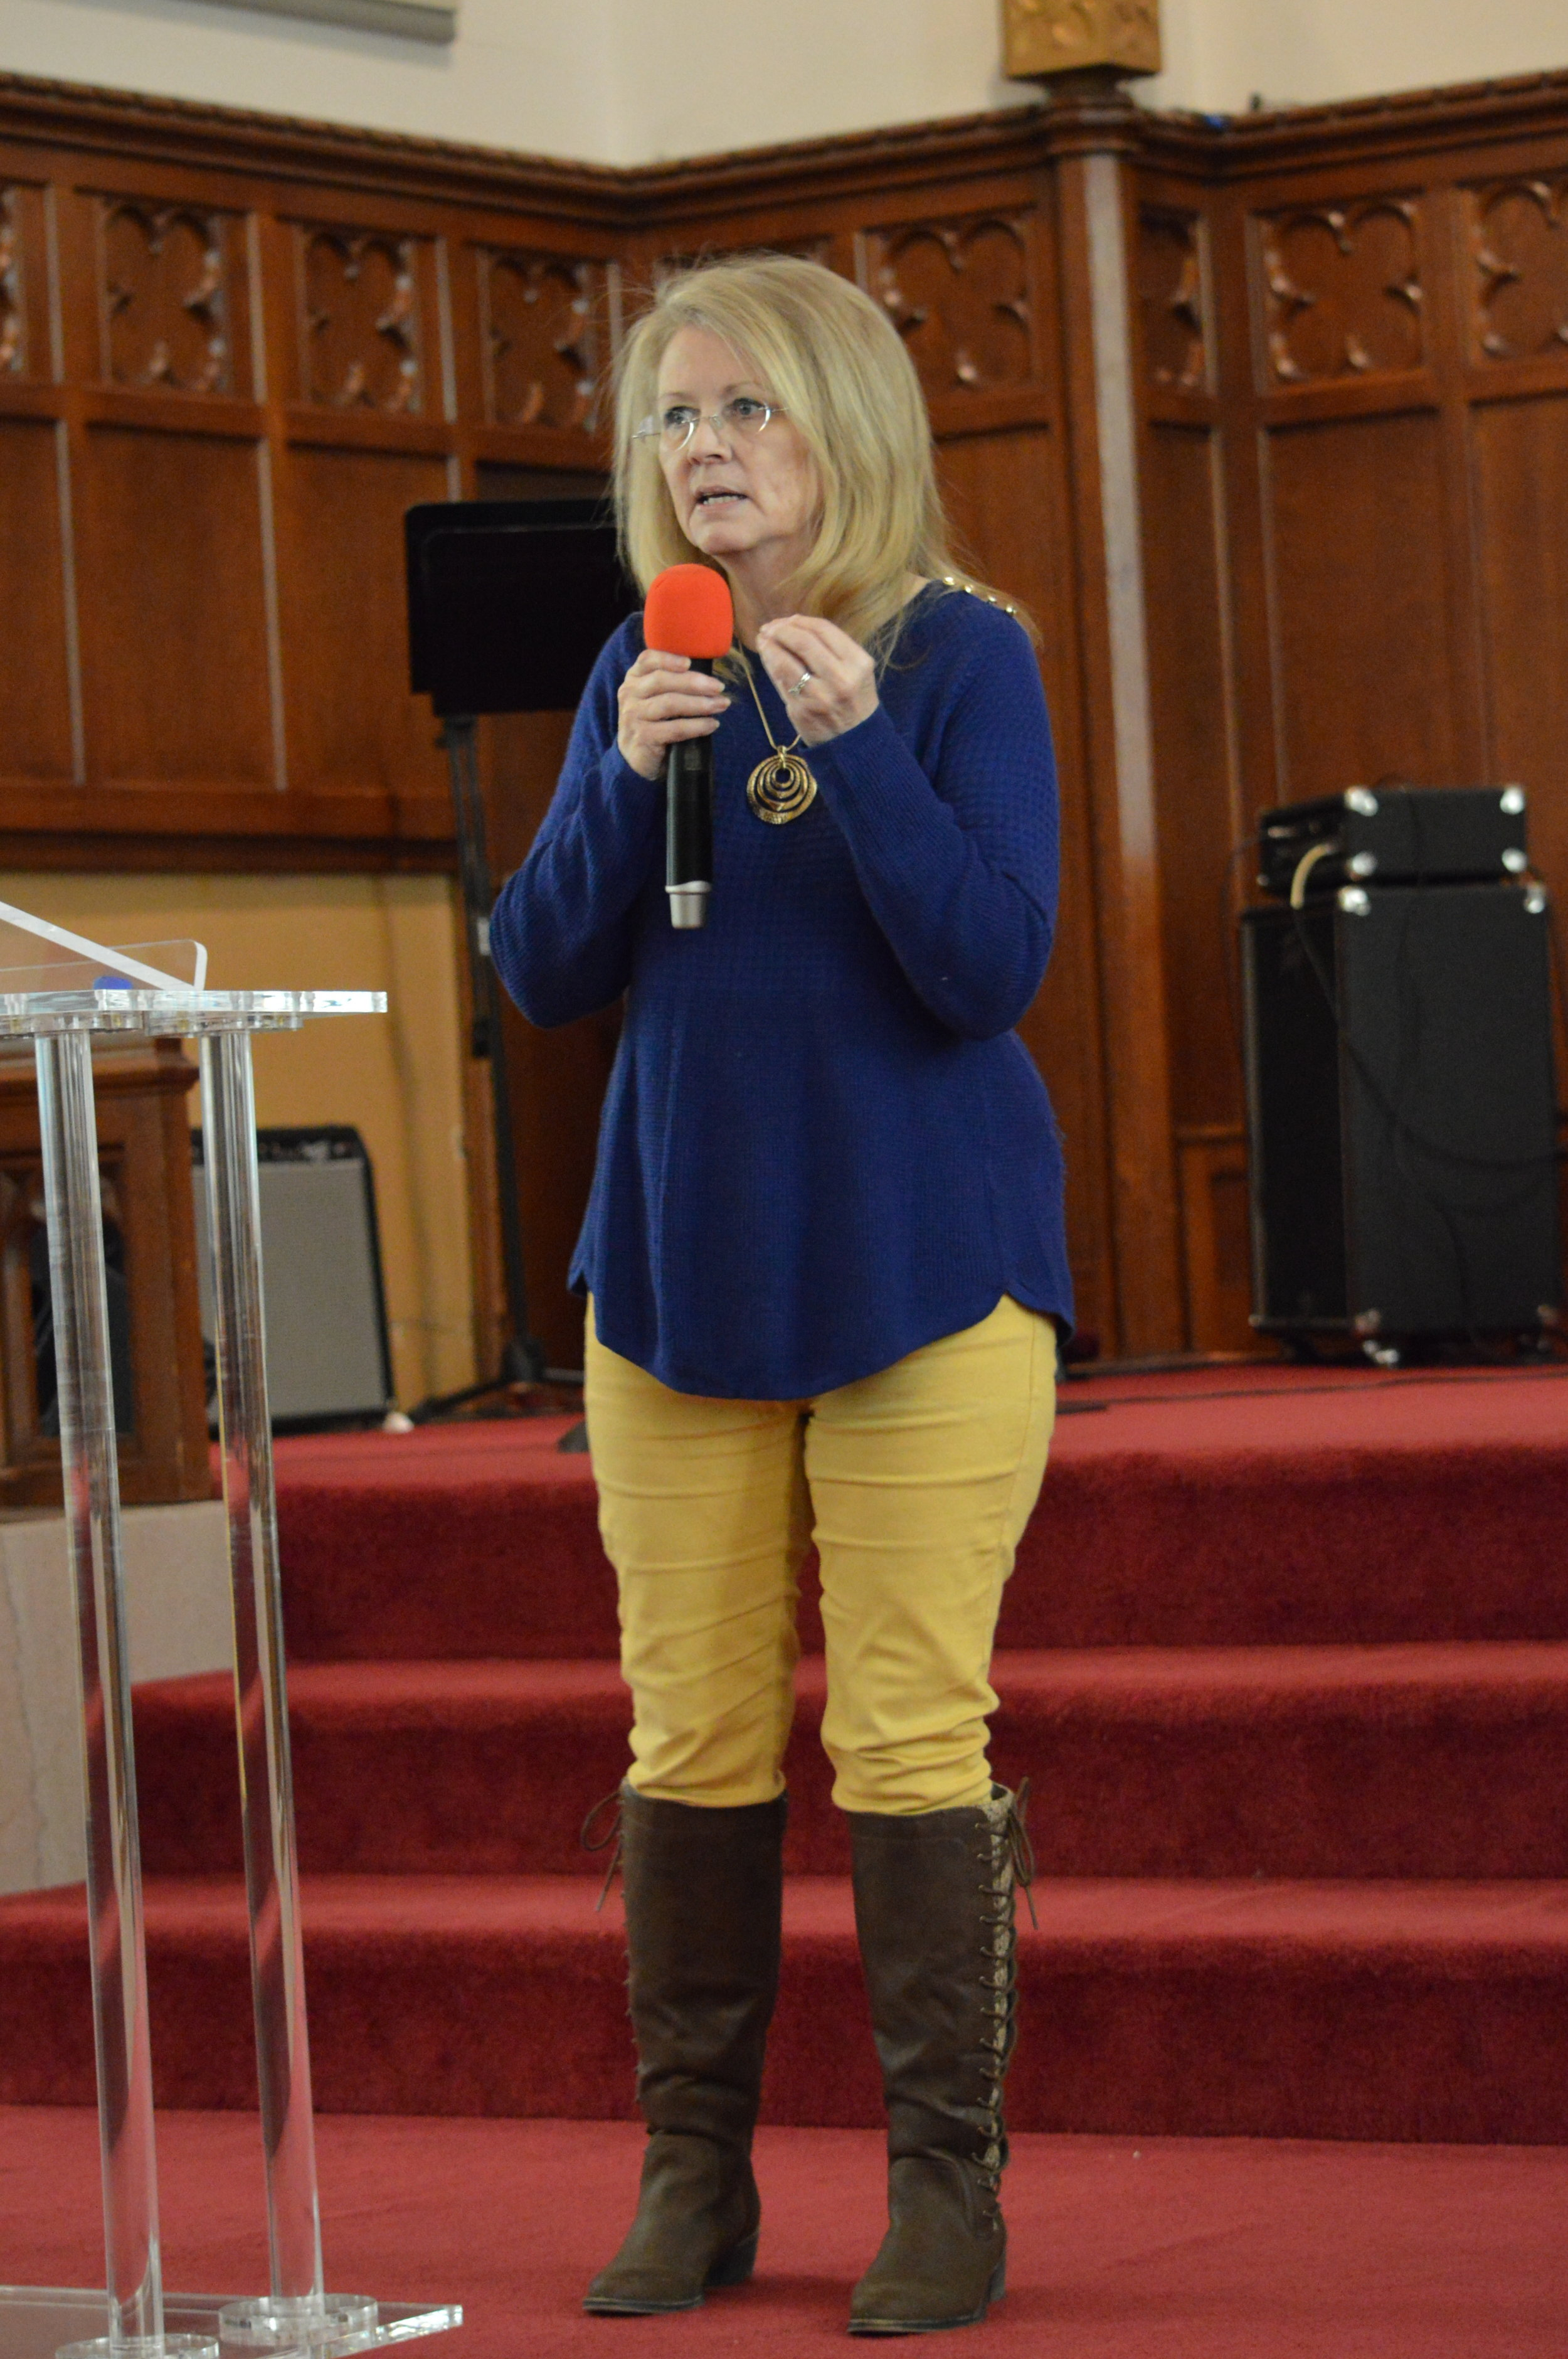 WCMAR2018 Wendy speaking2.jpeg